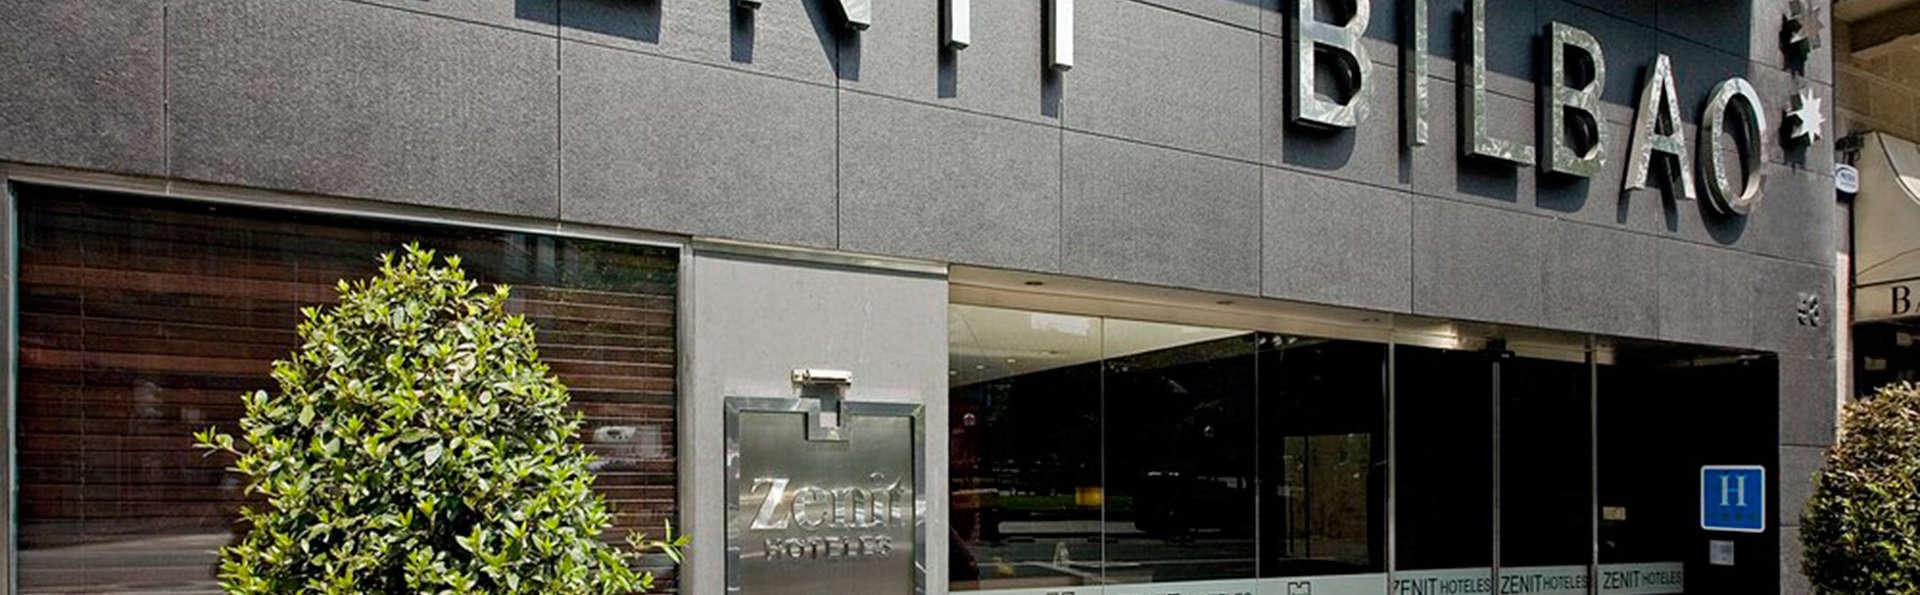 Hotel Zenit Bilbao - EDIT_front.jpg